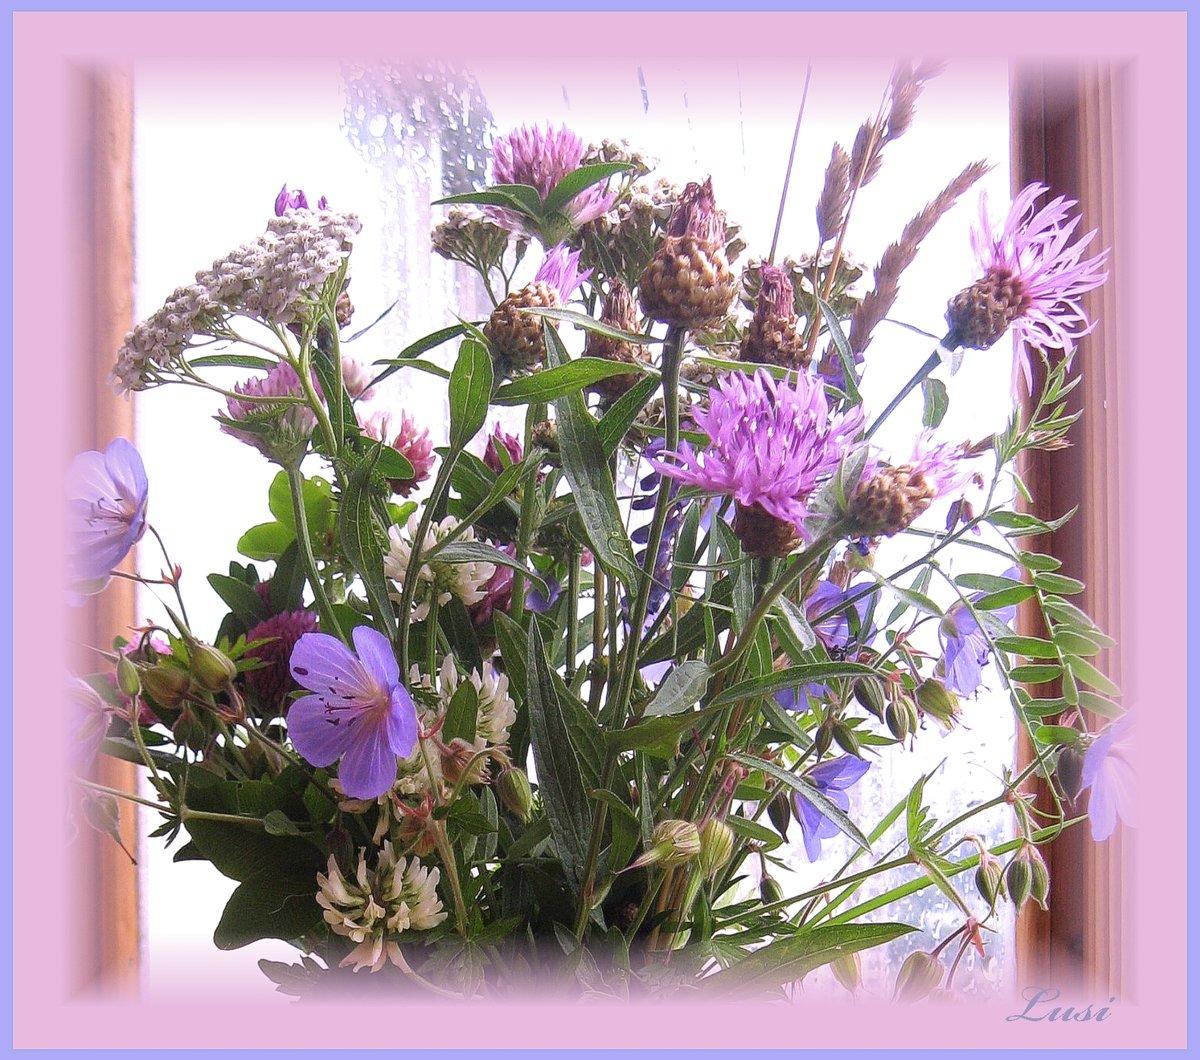 условиях послевоенной гифка красивые цветы и домашние и полевые фото коллекция может напомнить вам